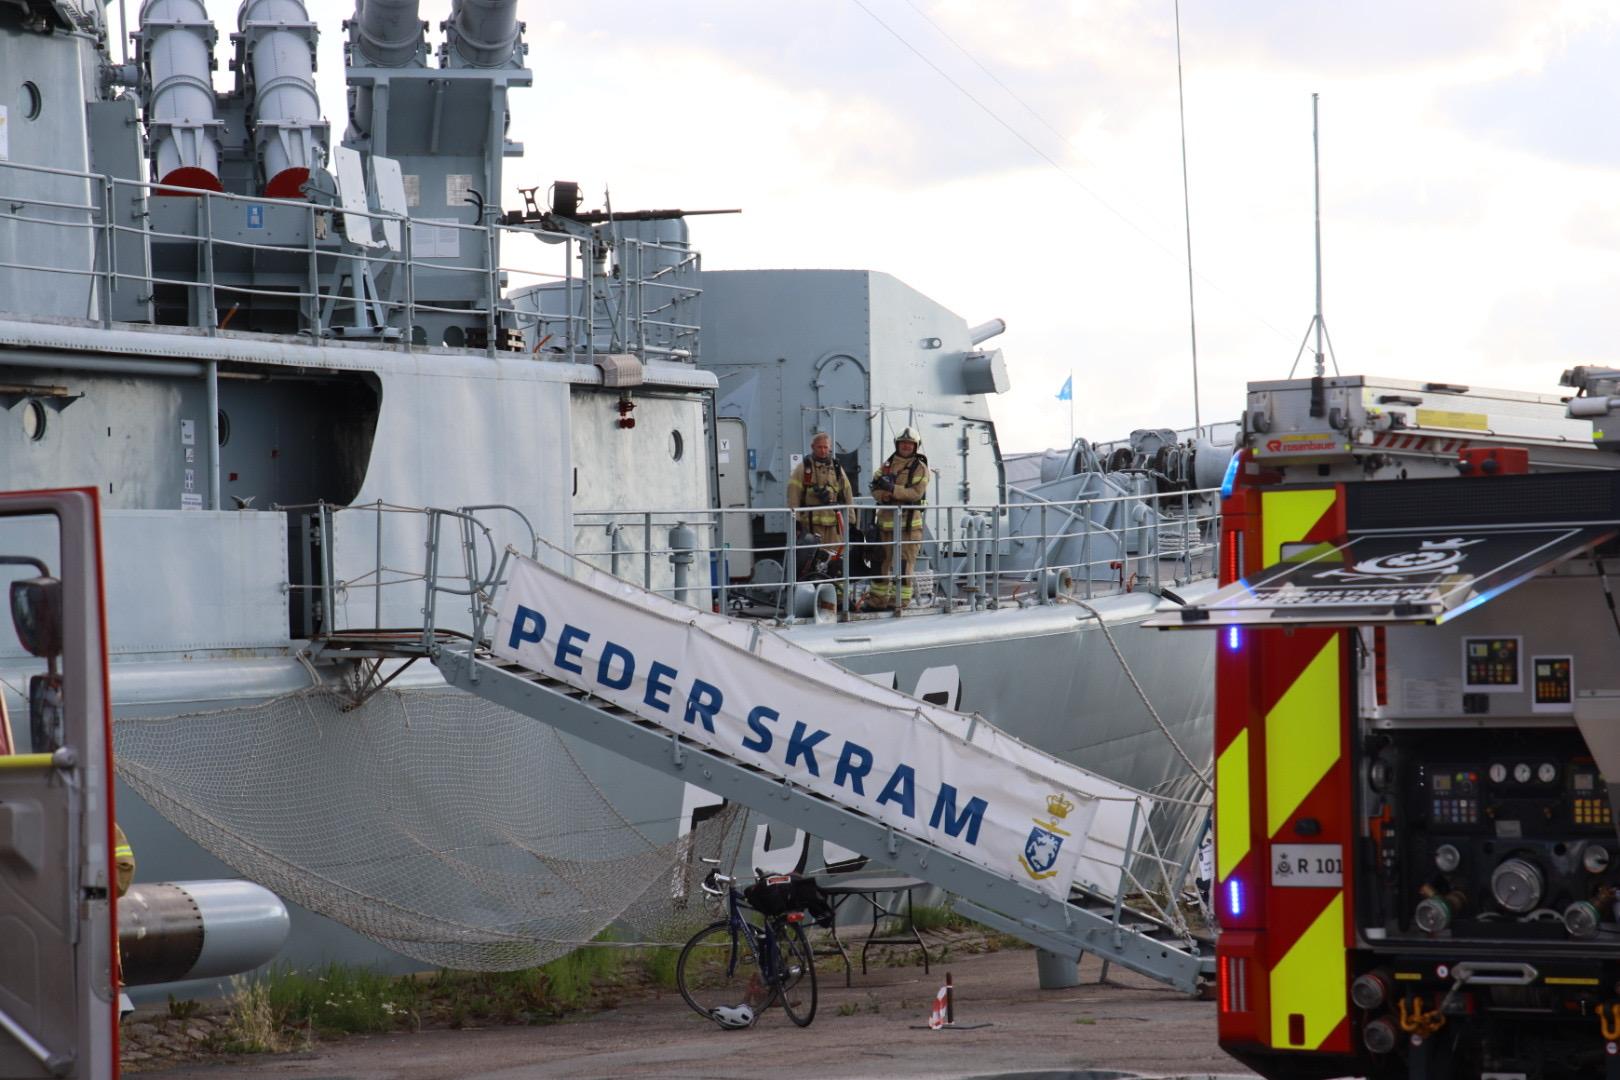 Brand på Museumsskibet Peder Skram - brandvæsnet er fremme